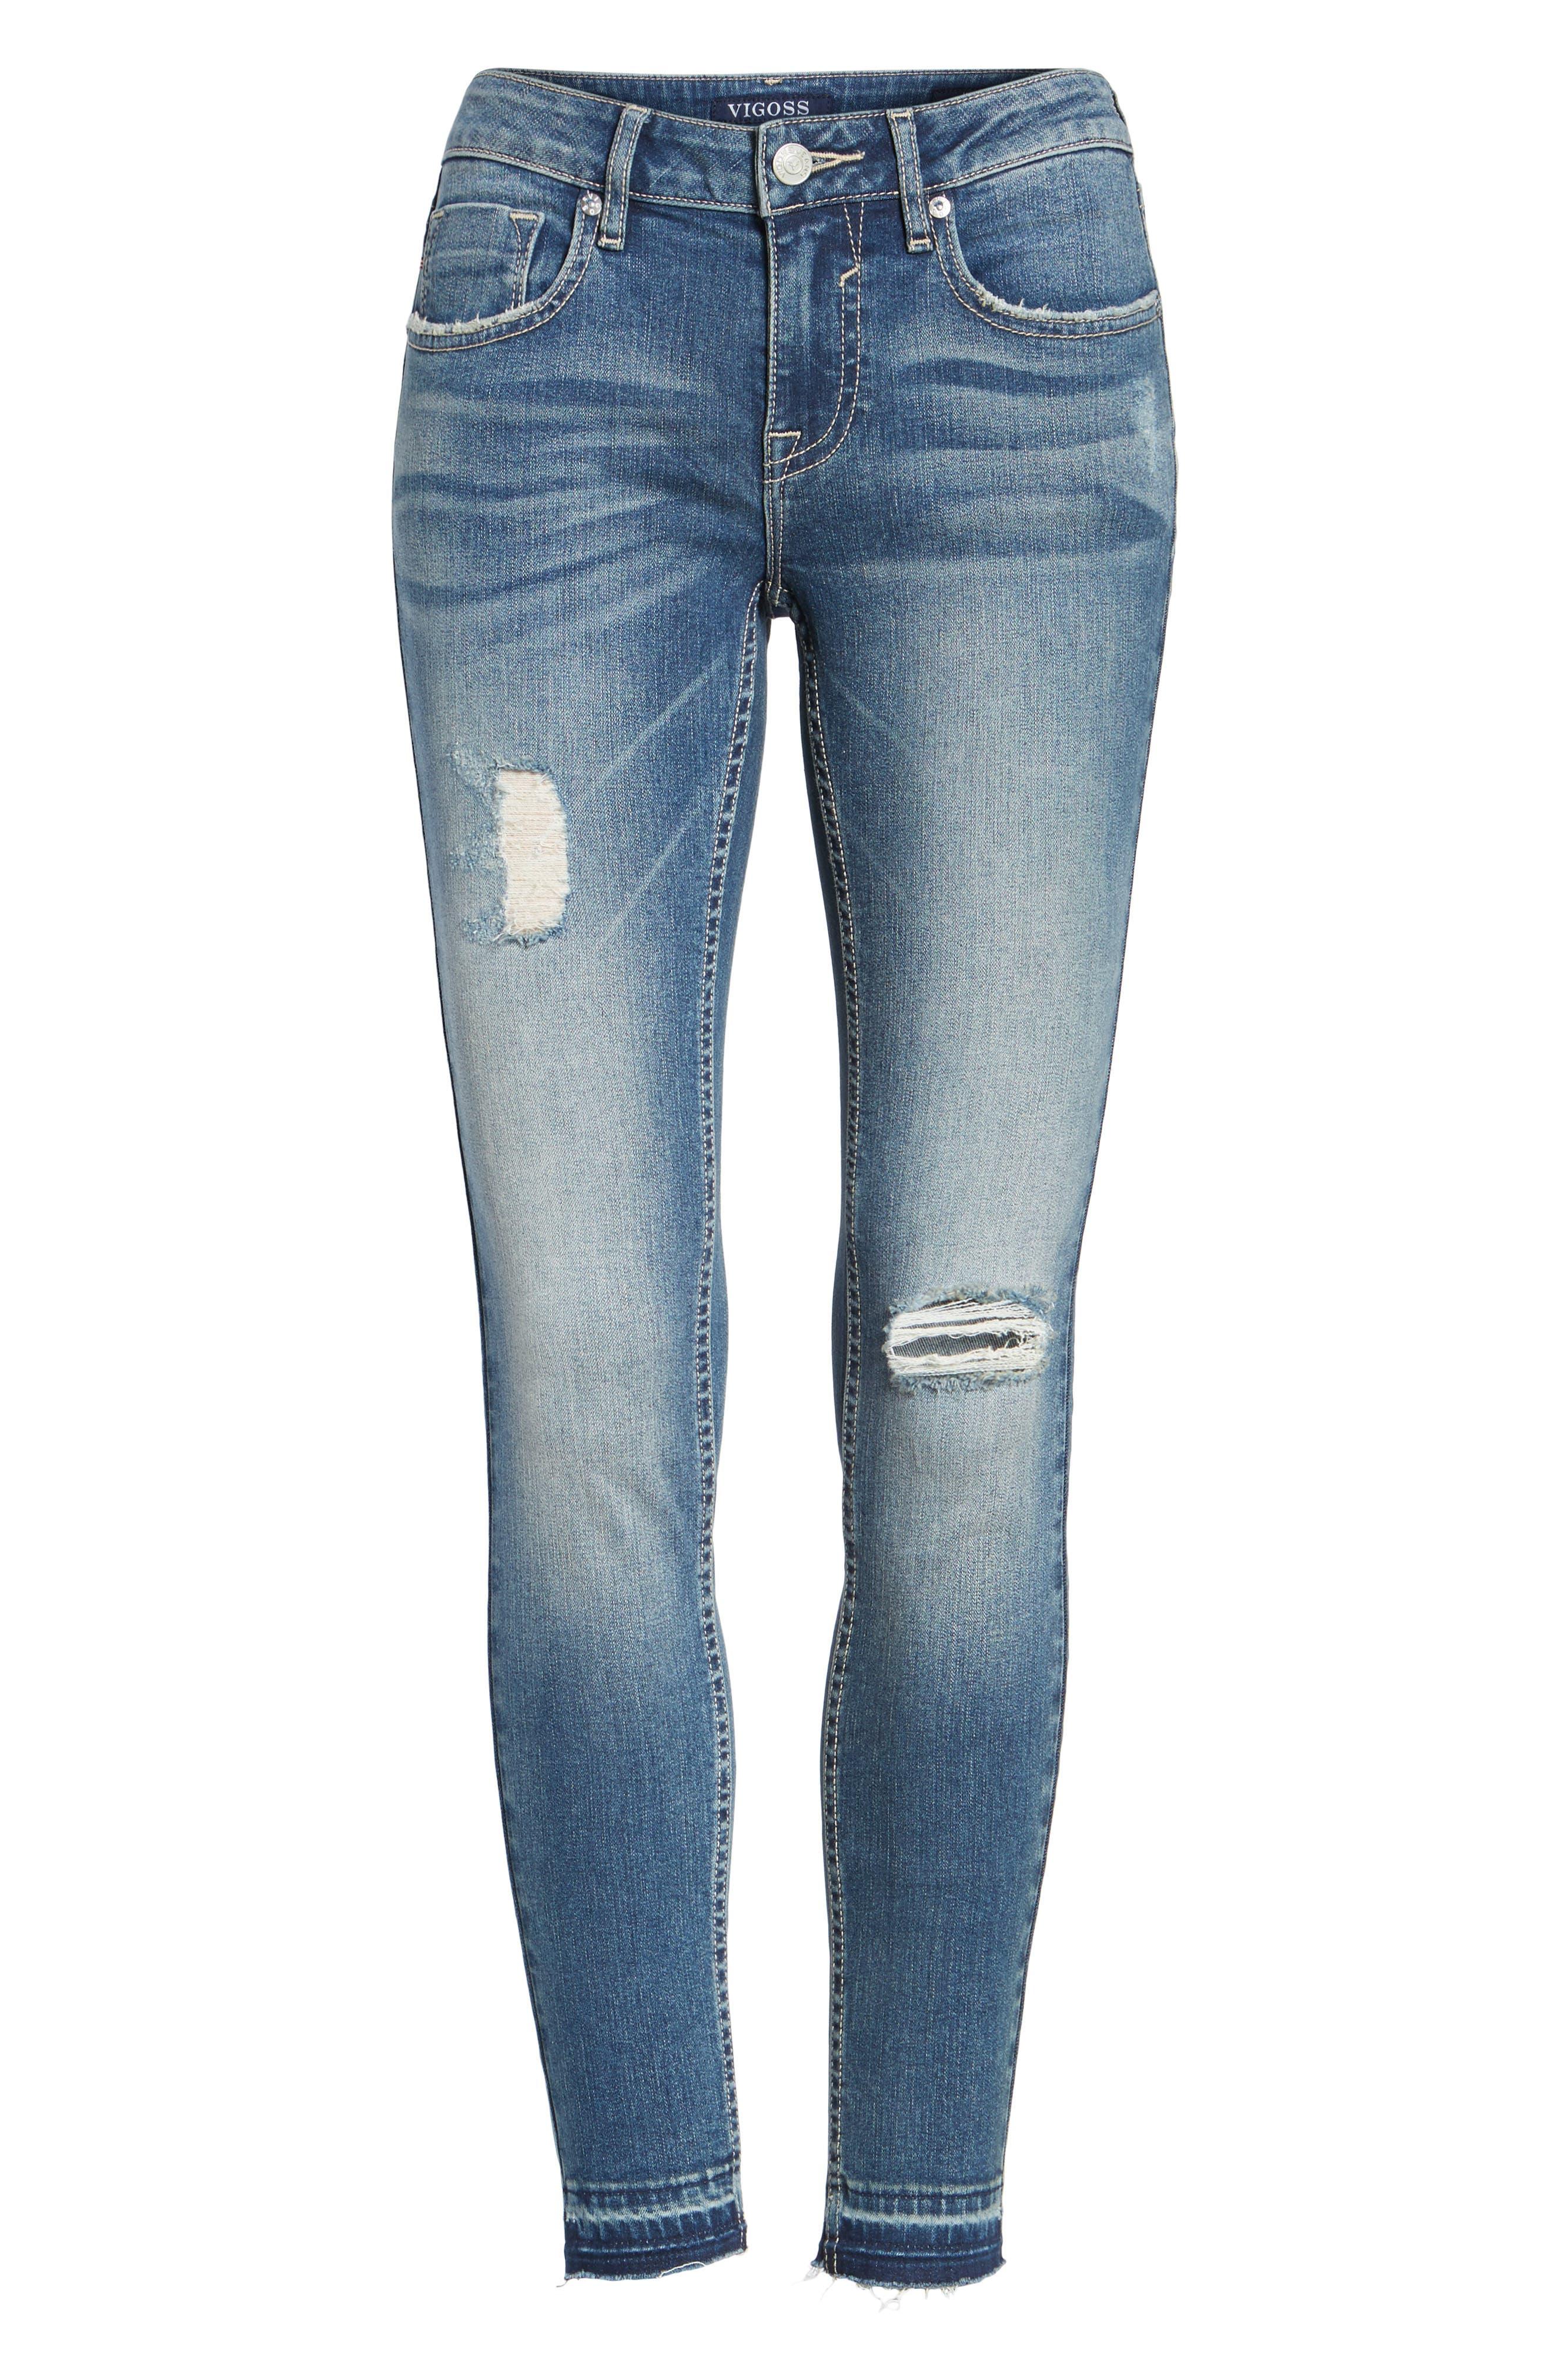 VIGOSS,                             Jagger Release Hem Skinny Jeans,                             Alternate thumbnail 6, color,                             426